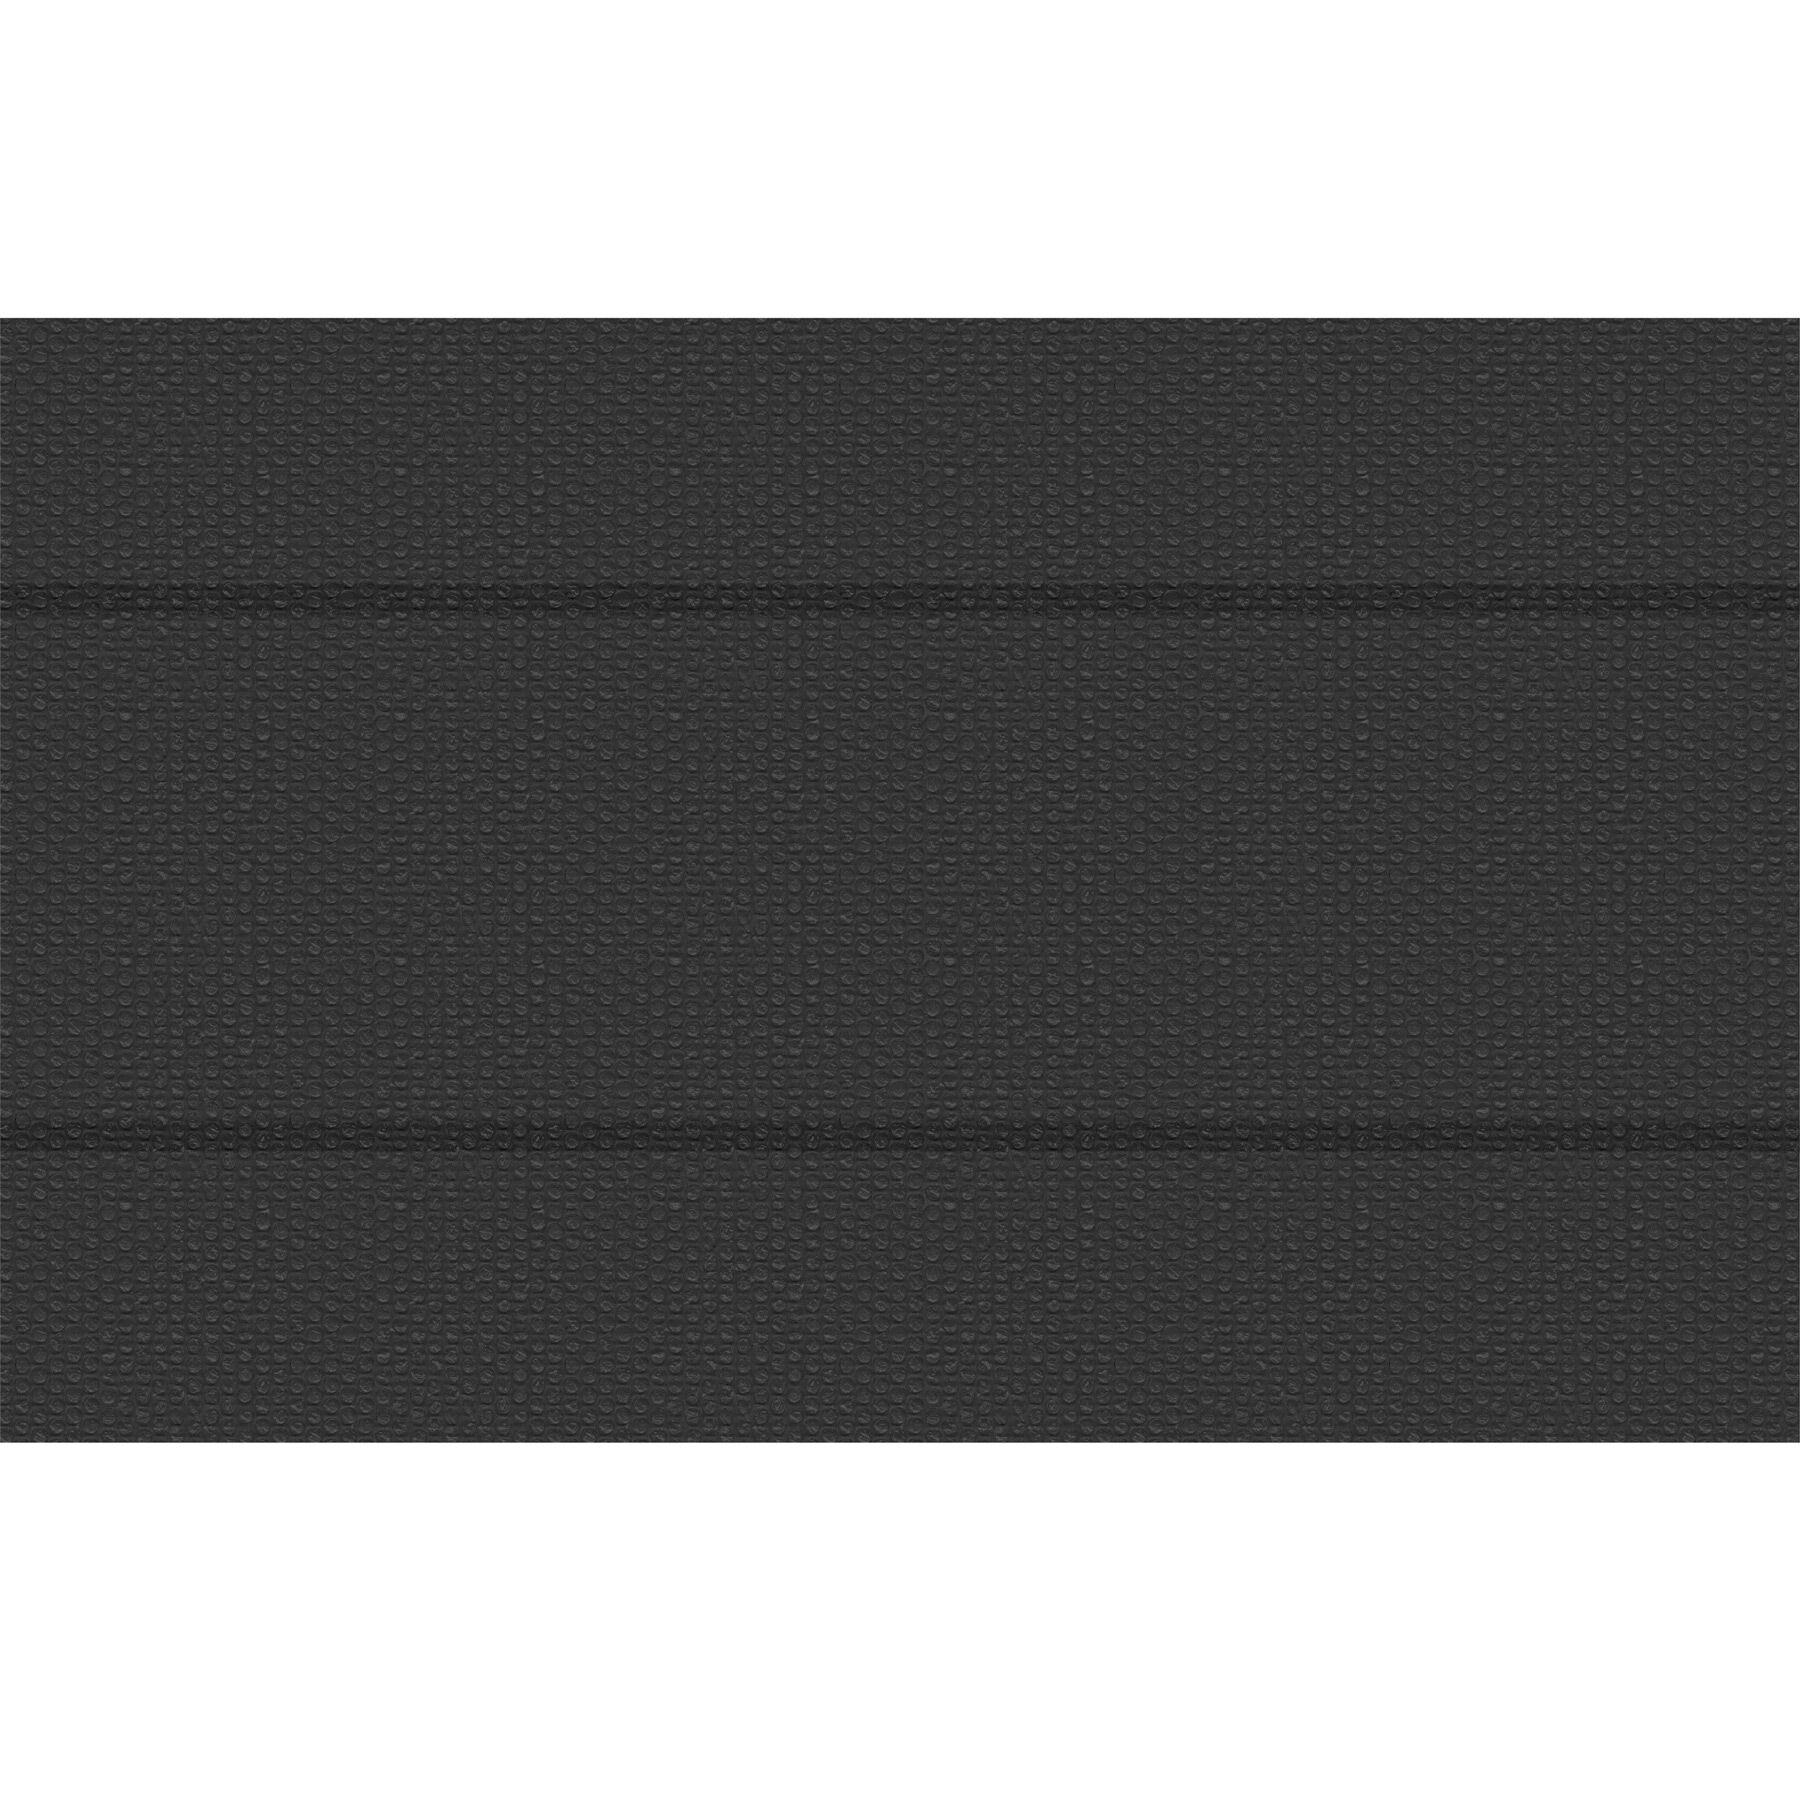 tectake pellicola solare copripiscina nera rettangolare - 500 x 800 cm